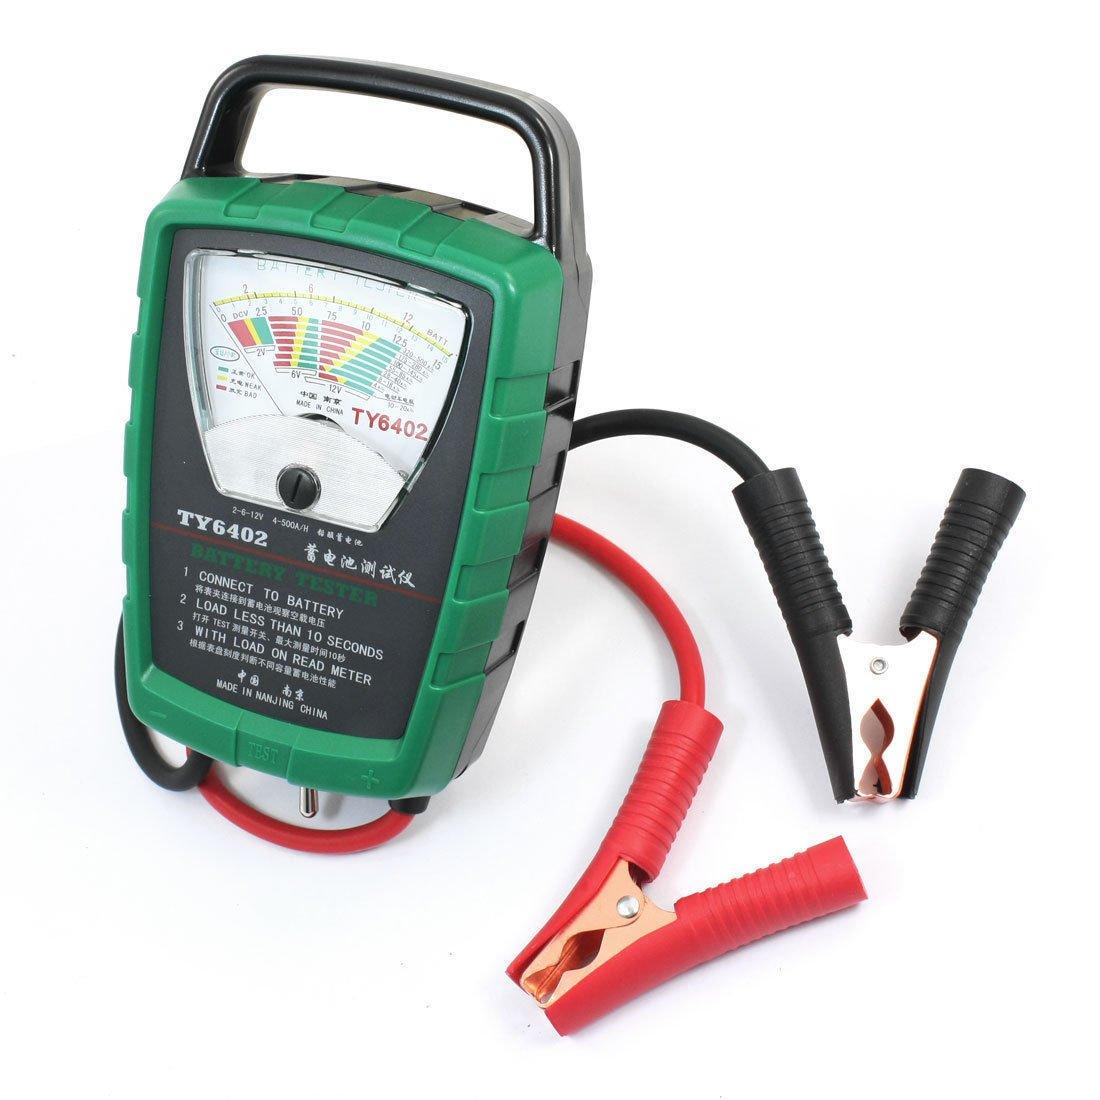 2V 6V 12V Lead-Acid Battery Voltage Checker Tester Measurement TY6402